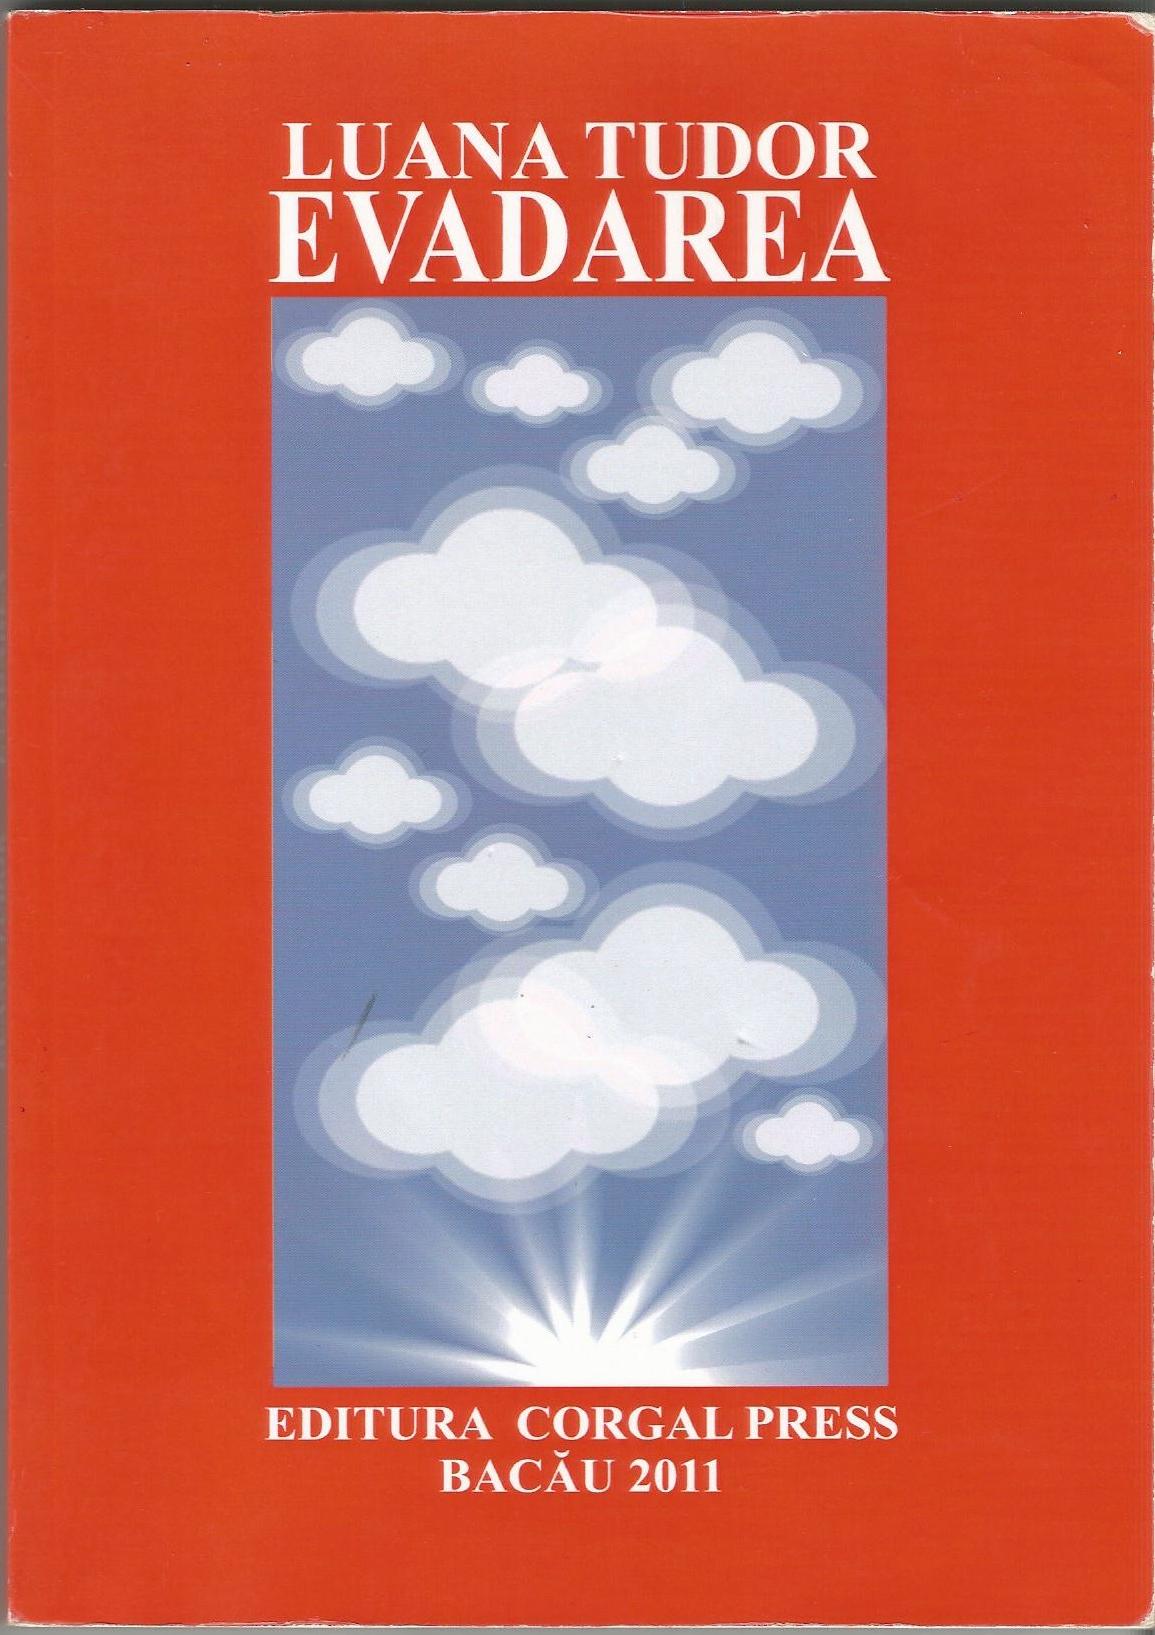 Coperțile volumelor publicate de Luana